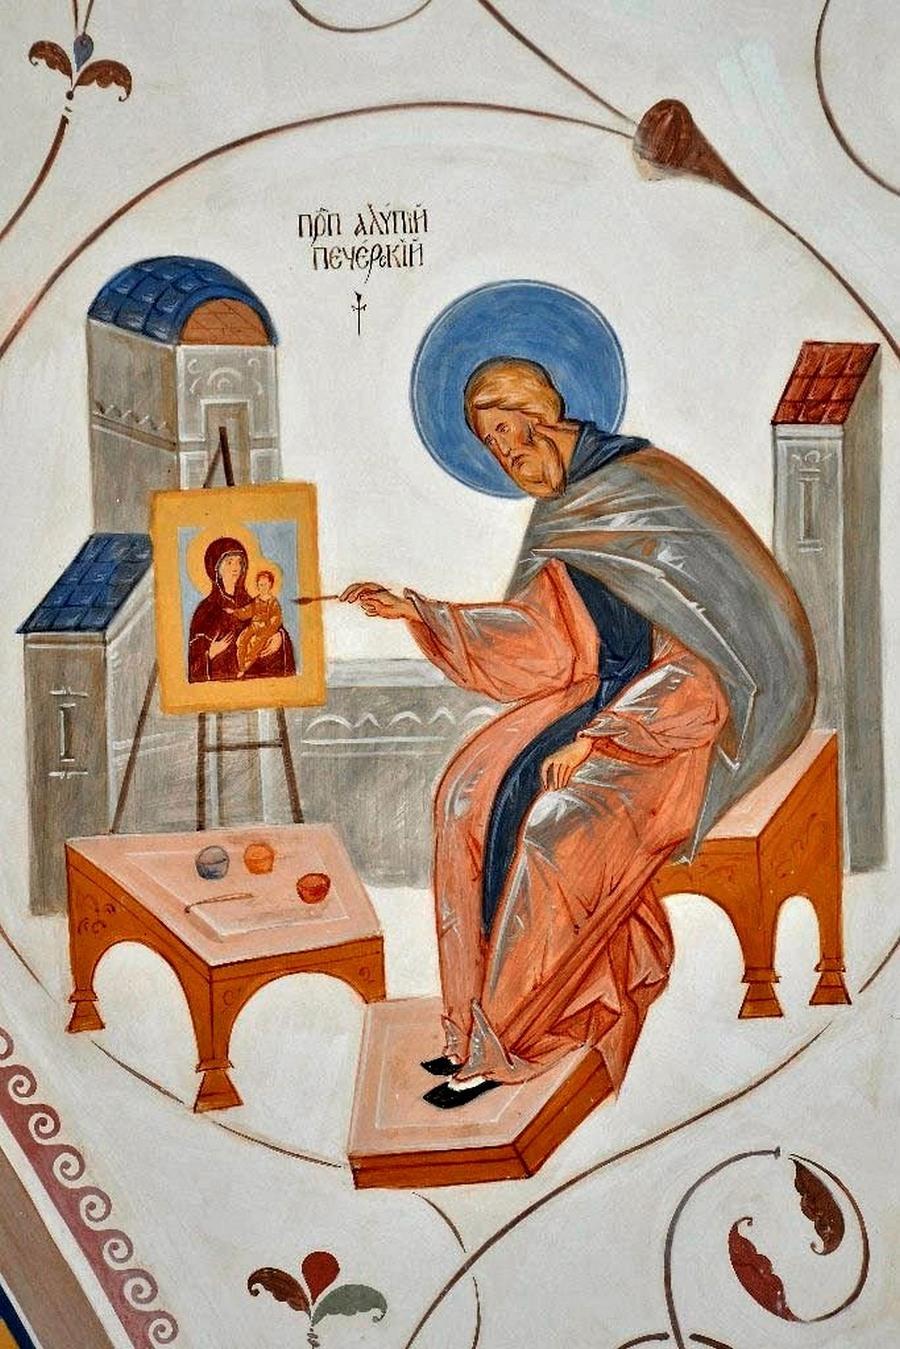 Святой Преподобный Алипий, иконописец Печерский. Роспись братской трапезной Троице-Сергиевой Лавры.